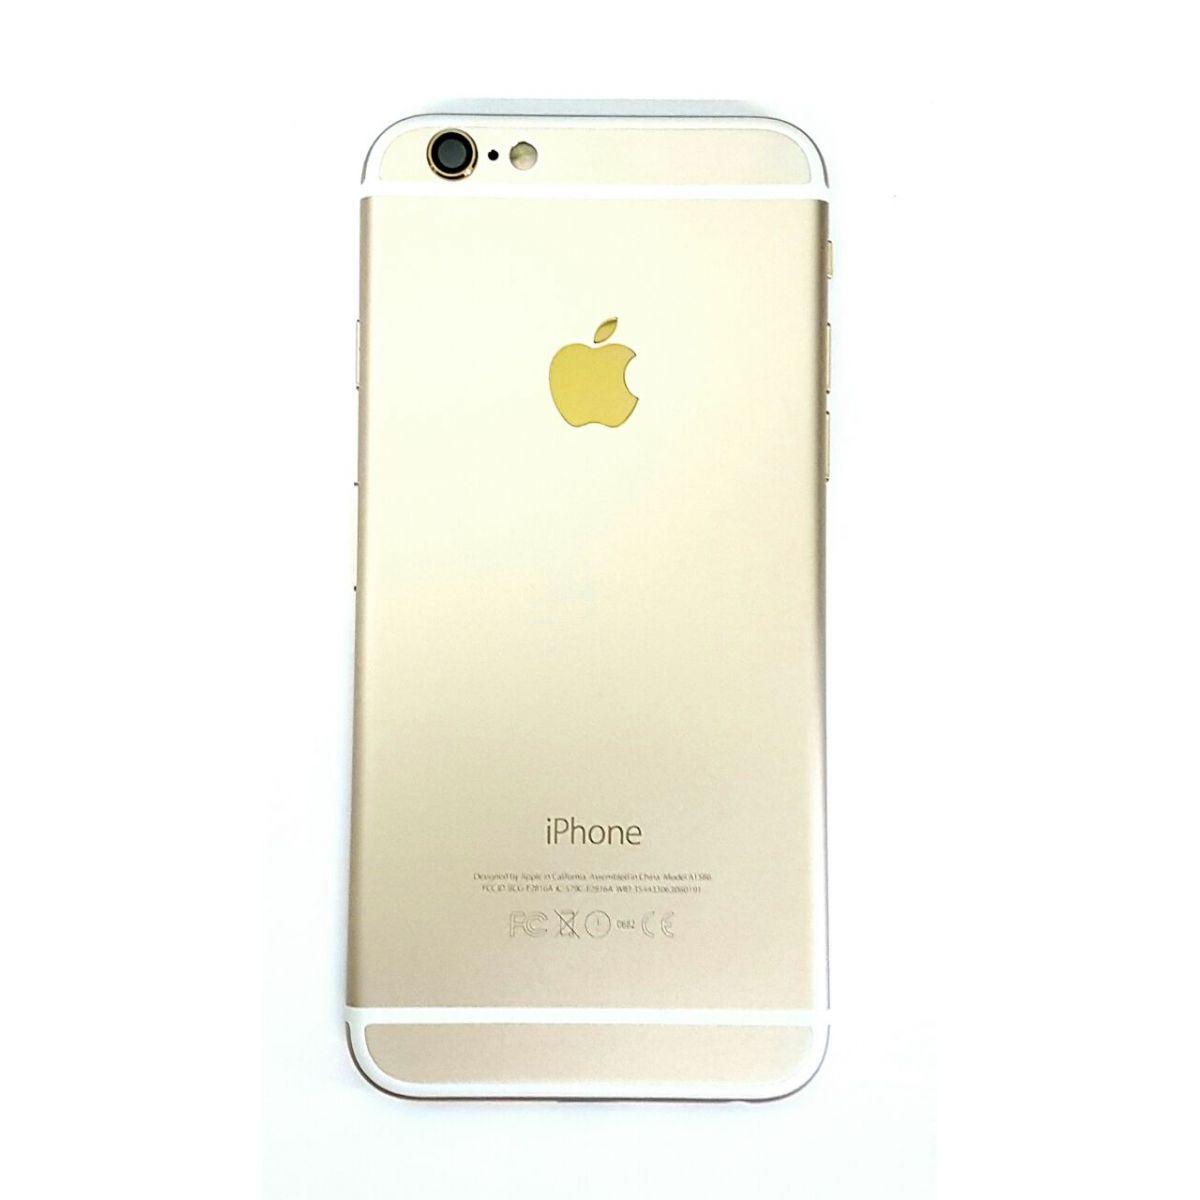 Carcaca Iphone 6G 4.7 Dourado Gold com Componentes